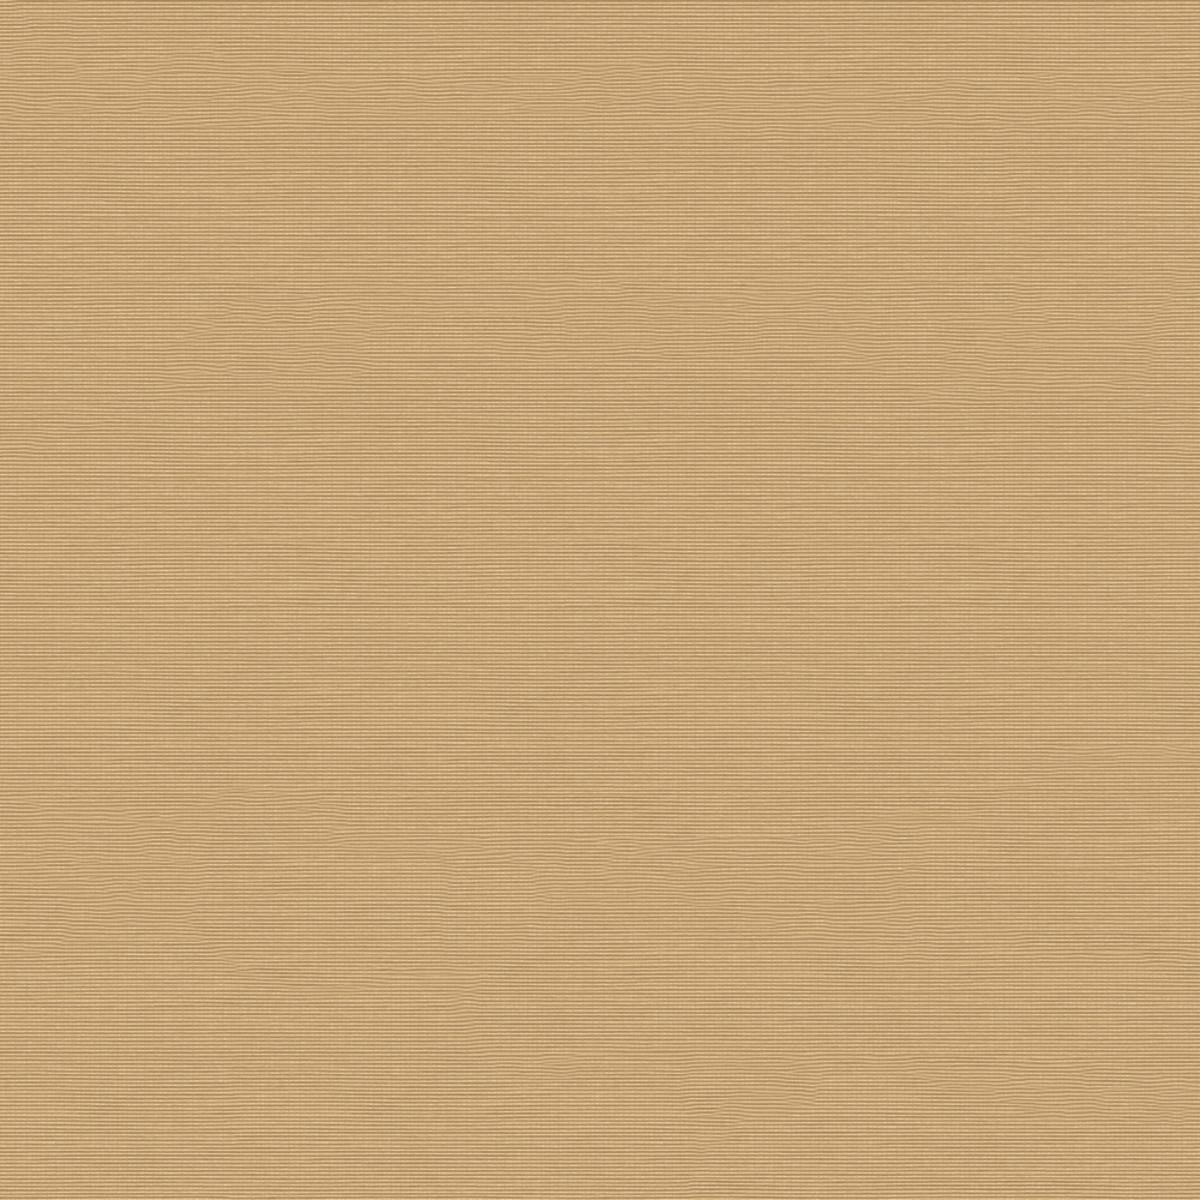 Обои виниловые Gaenari коричневые 1.06 м 81157-4